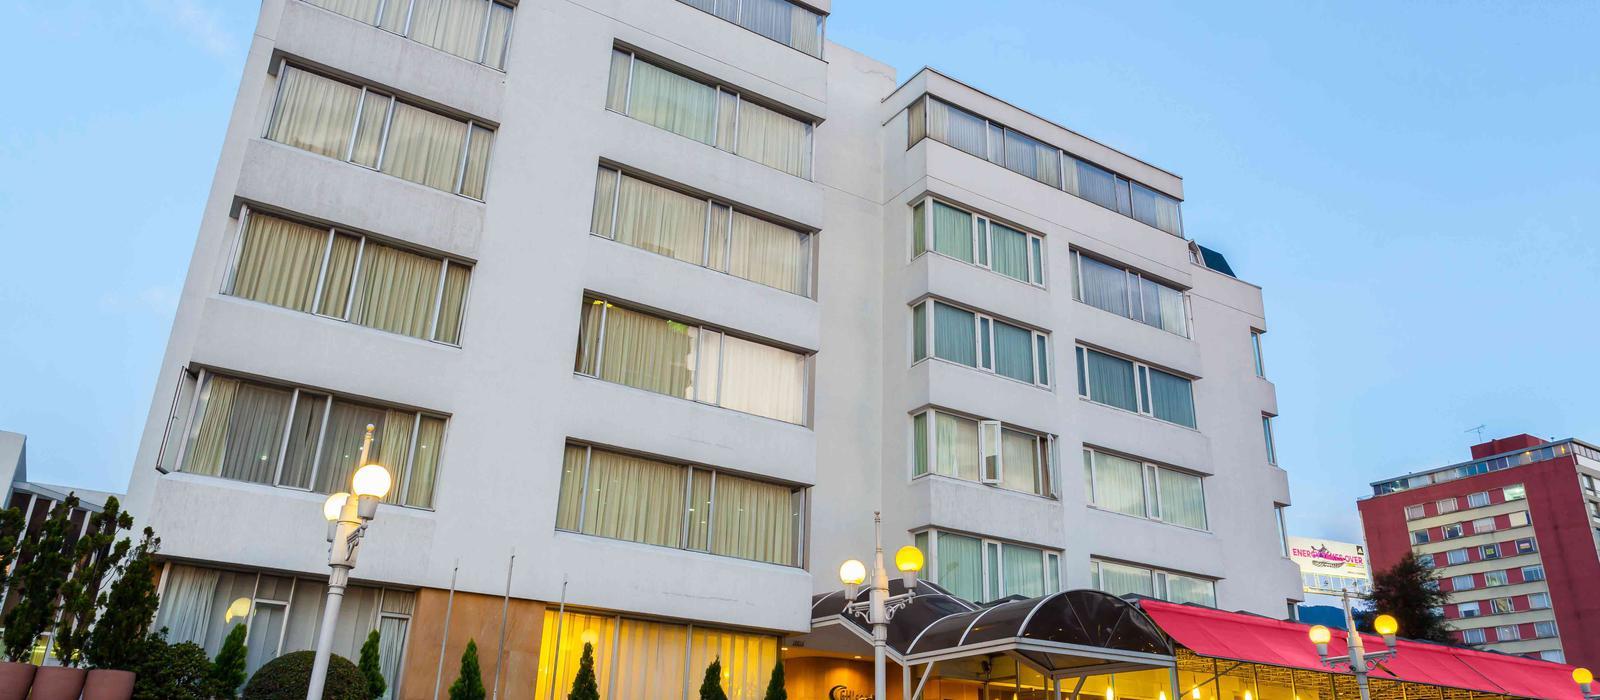 Ghl style hotel belvedere bogot for Hotel design 100 bogota